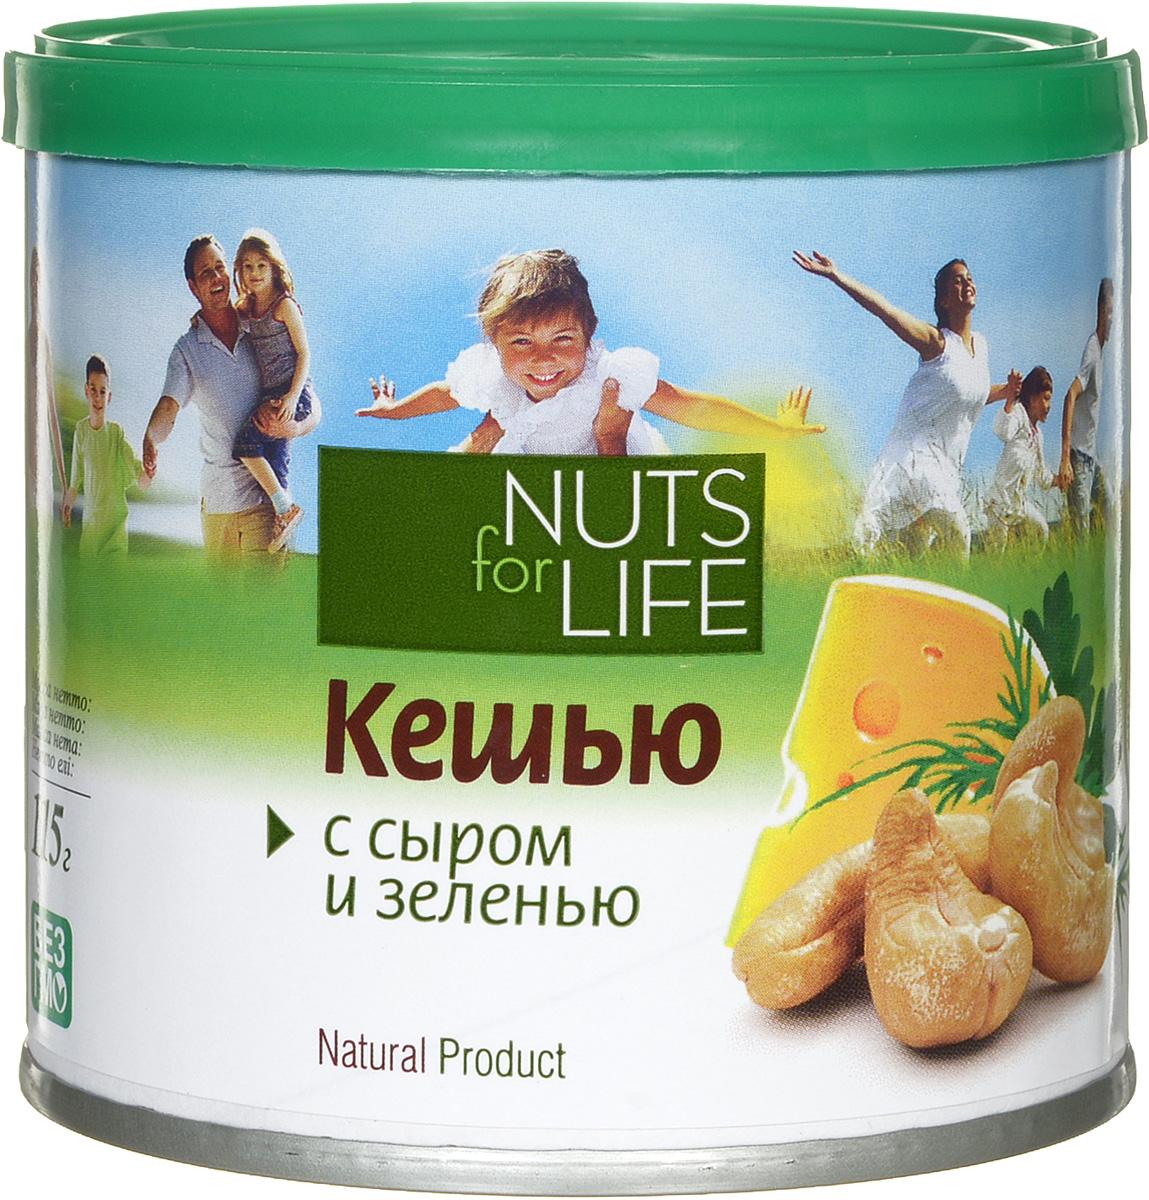 Фото Nuts for Life Кешью обжаренный соленый с сыром и зеленью, 115 г. Купить  в РФ